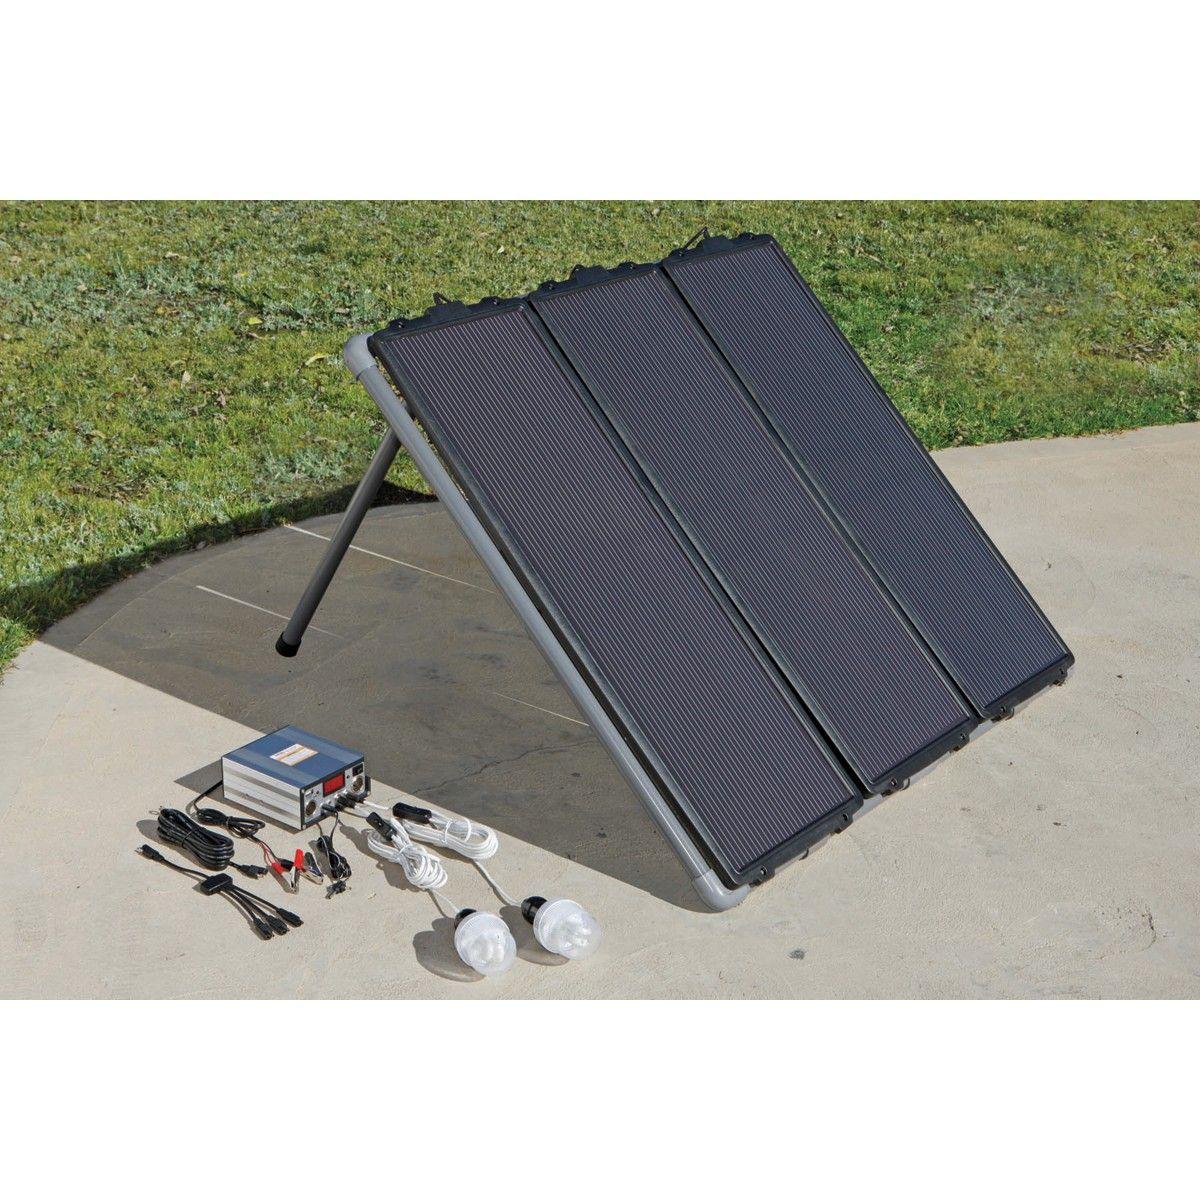 Solar Panels For Sale Buy Solar Panels Online Solar Panels Solar Panel Kits Best Solar Panels